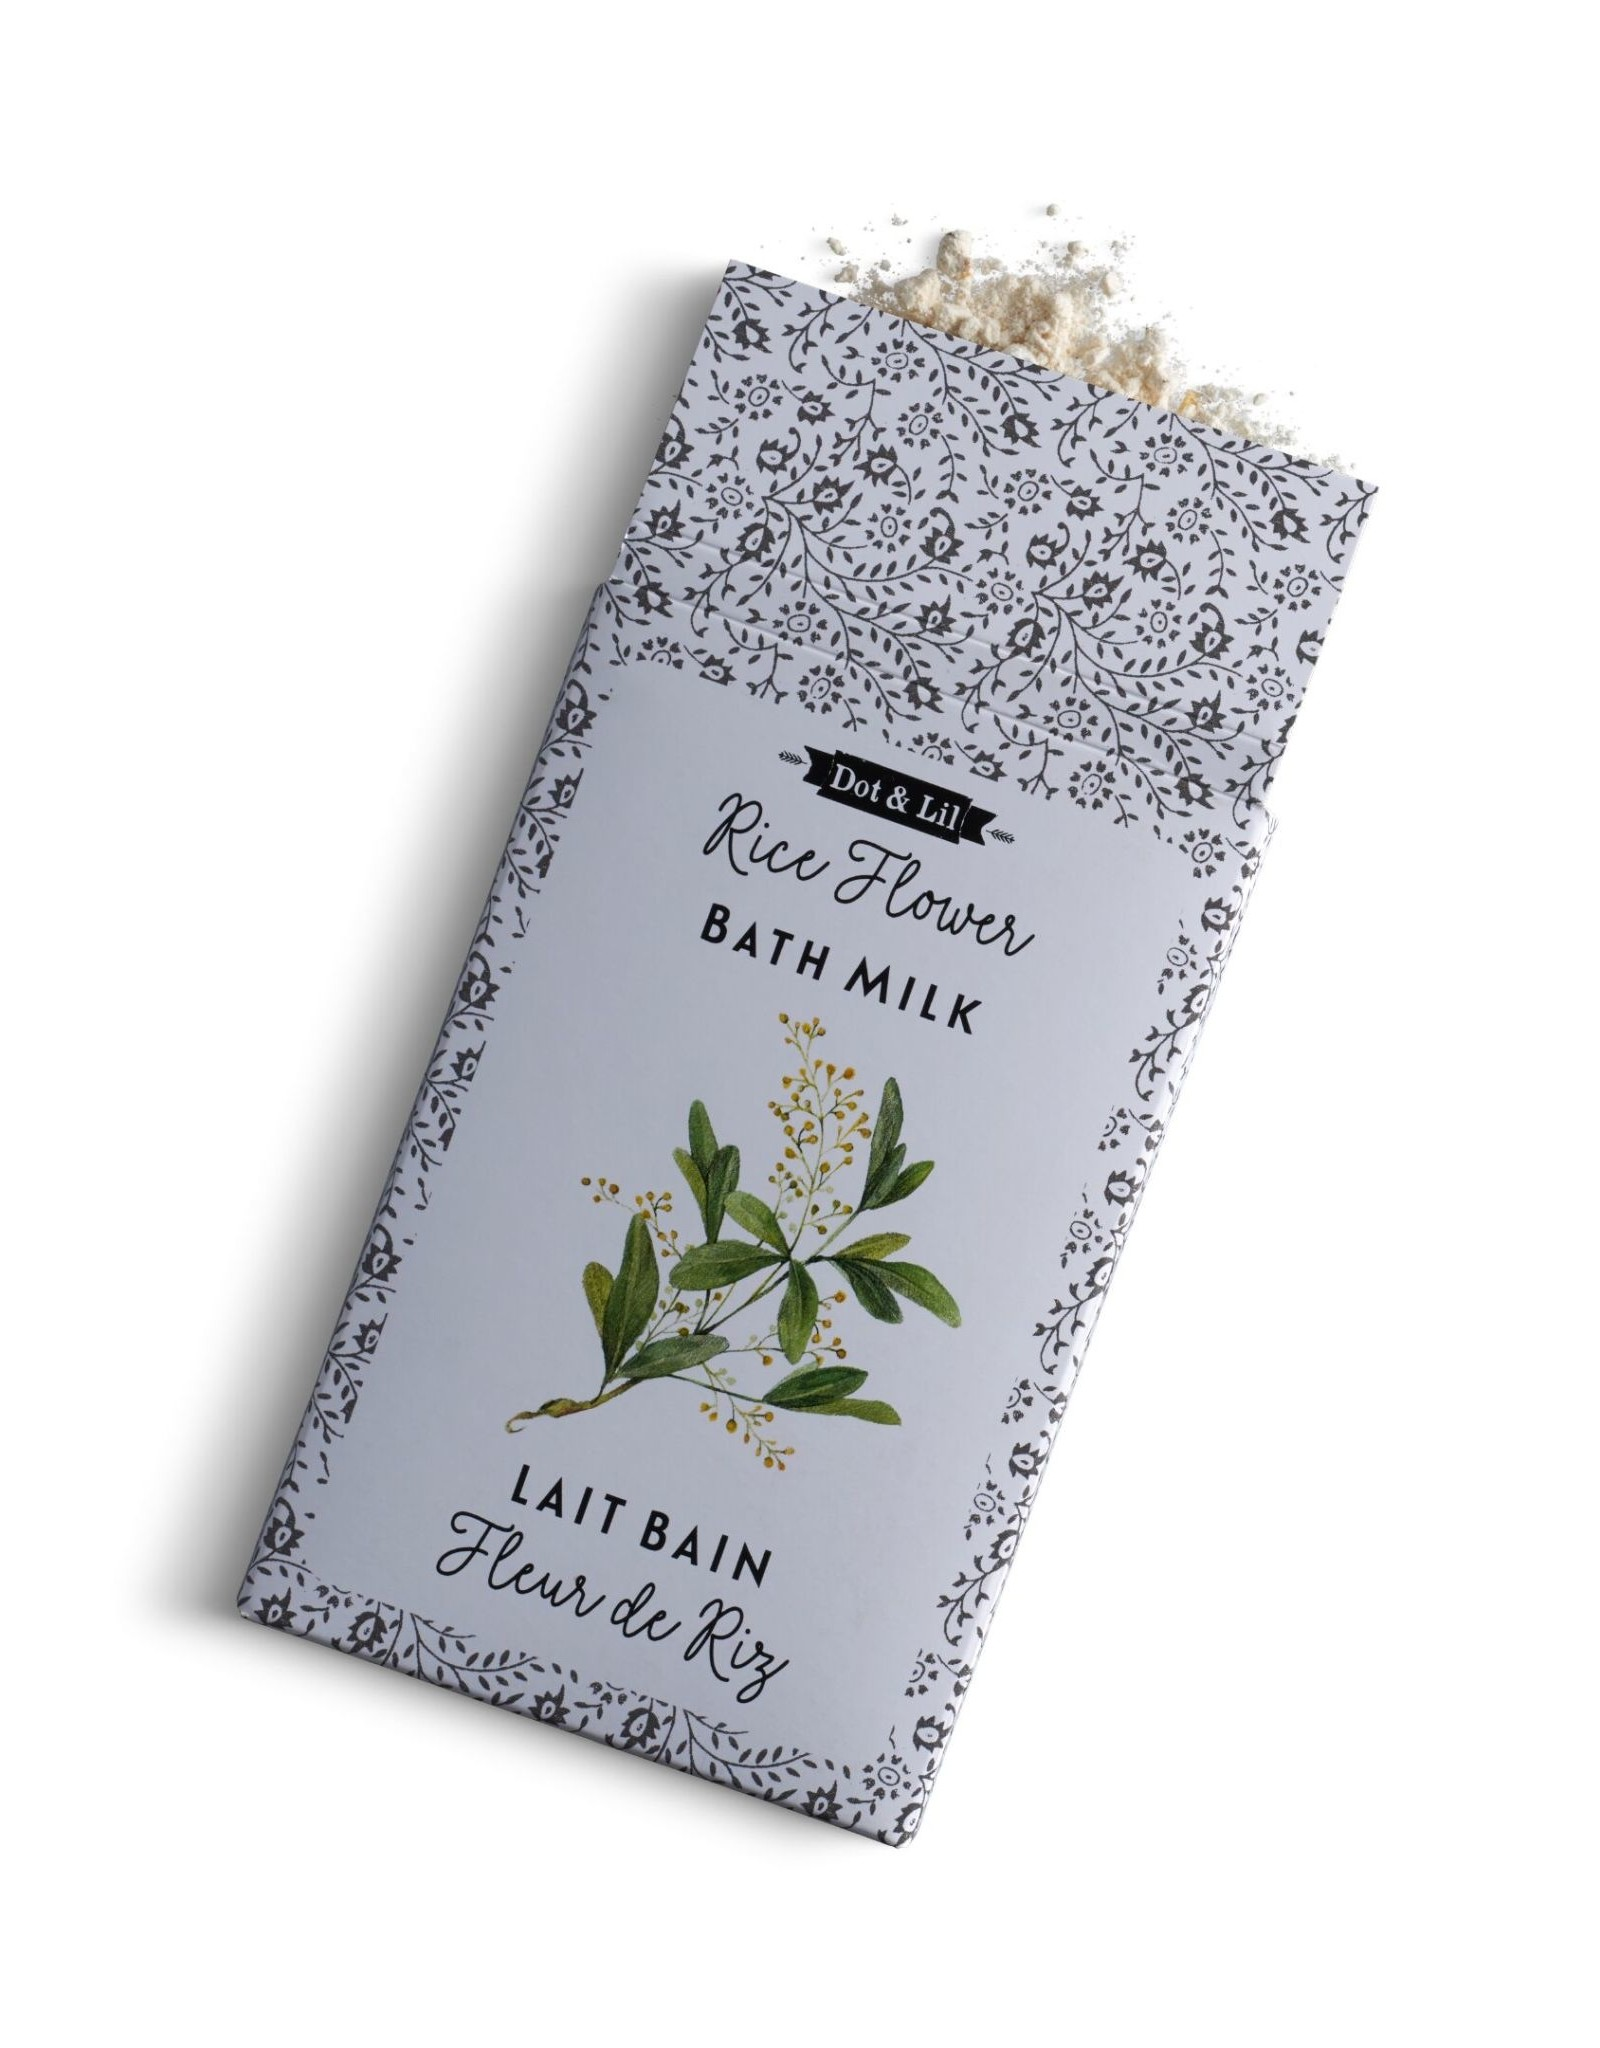 Dot & lil Sachet Lait de bain - Fleur de riz